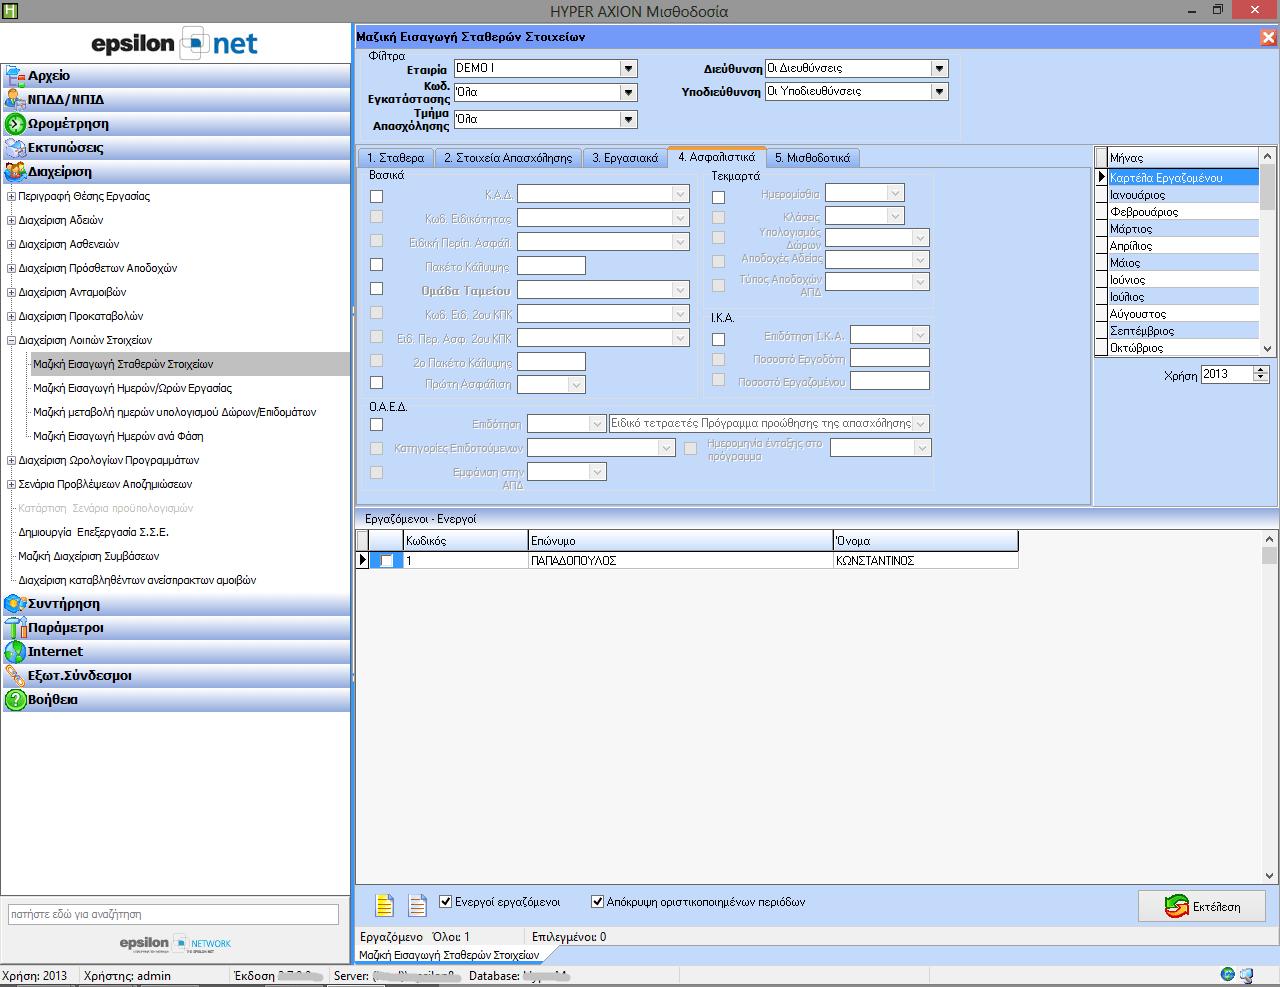 Δυνατότητα στον χρήστη μεταβολής σταθερών στοιχείων των εργαζομένων στην καρτέλα αλλά και σε υπολογισμένη μισθοδοτική περίοδο